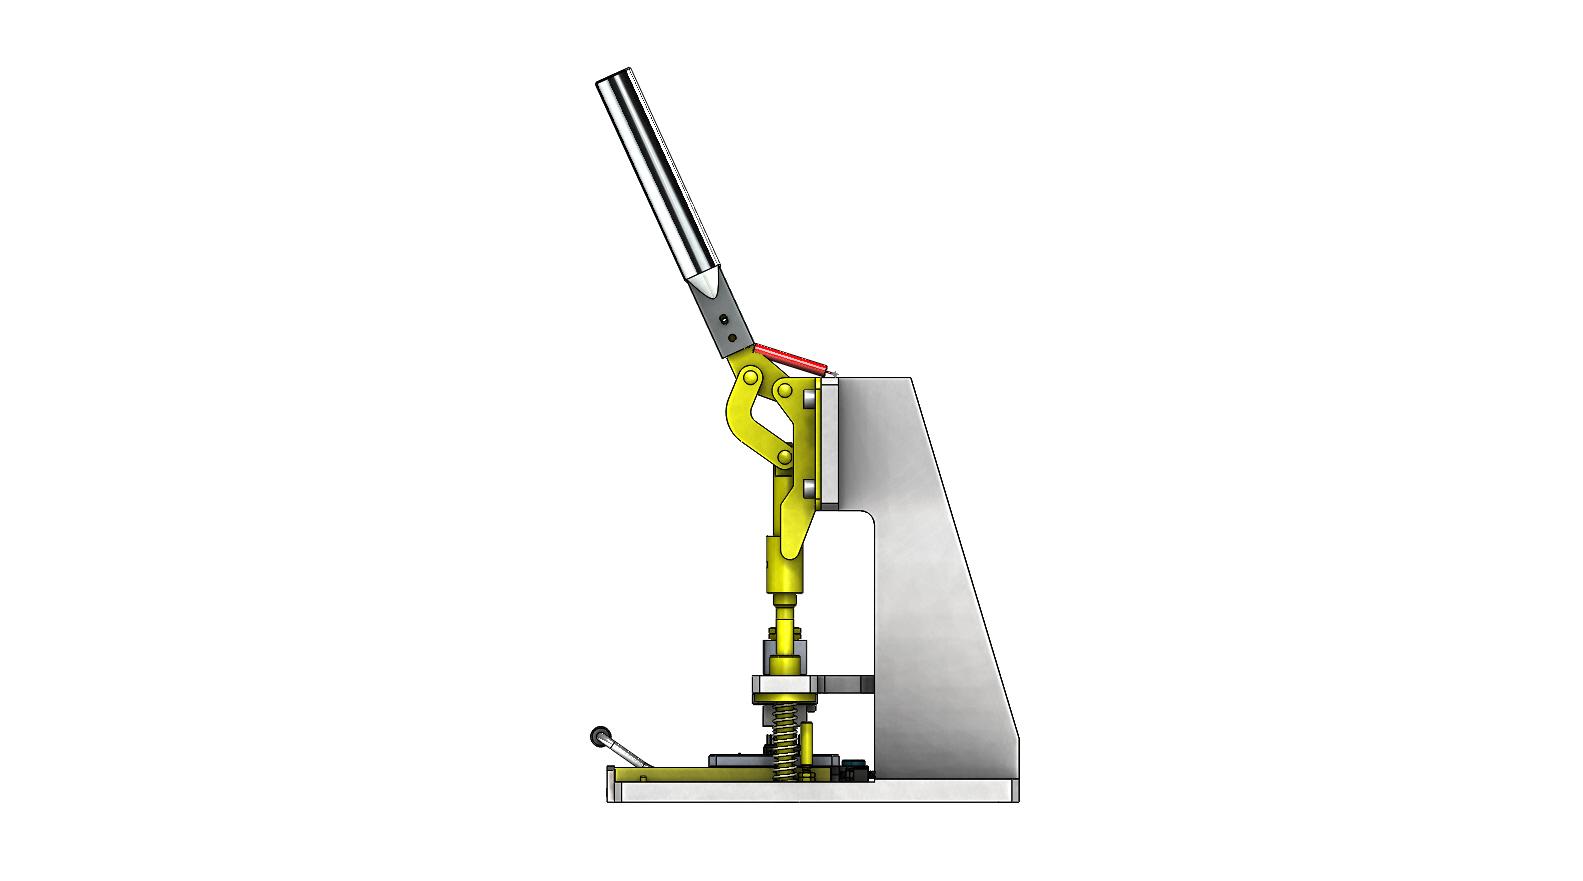 手动插件夹具3D数模图纸 STEP格式